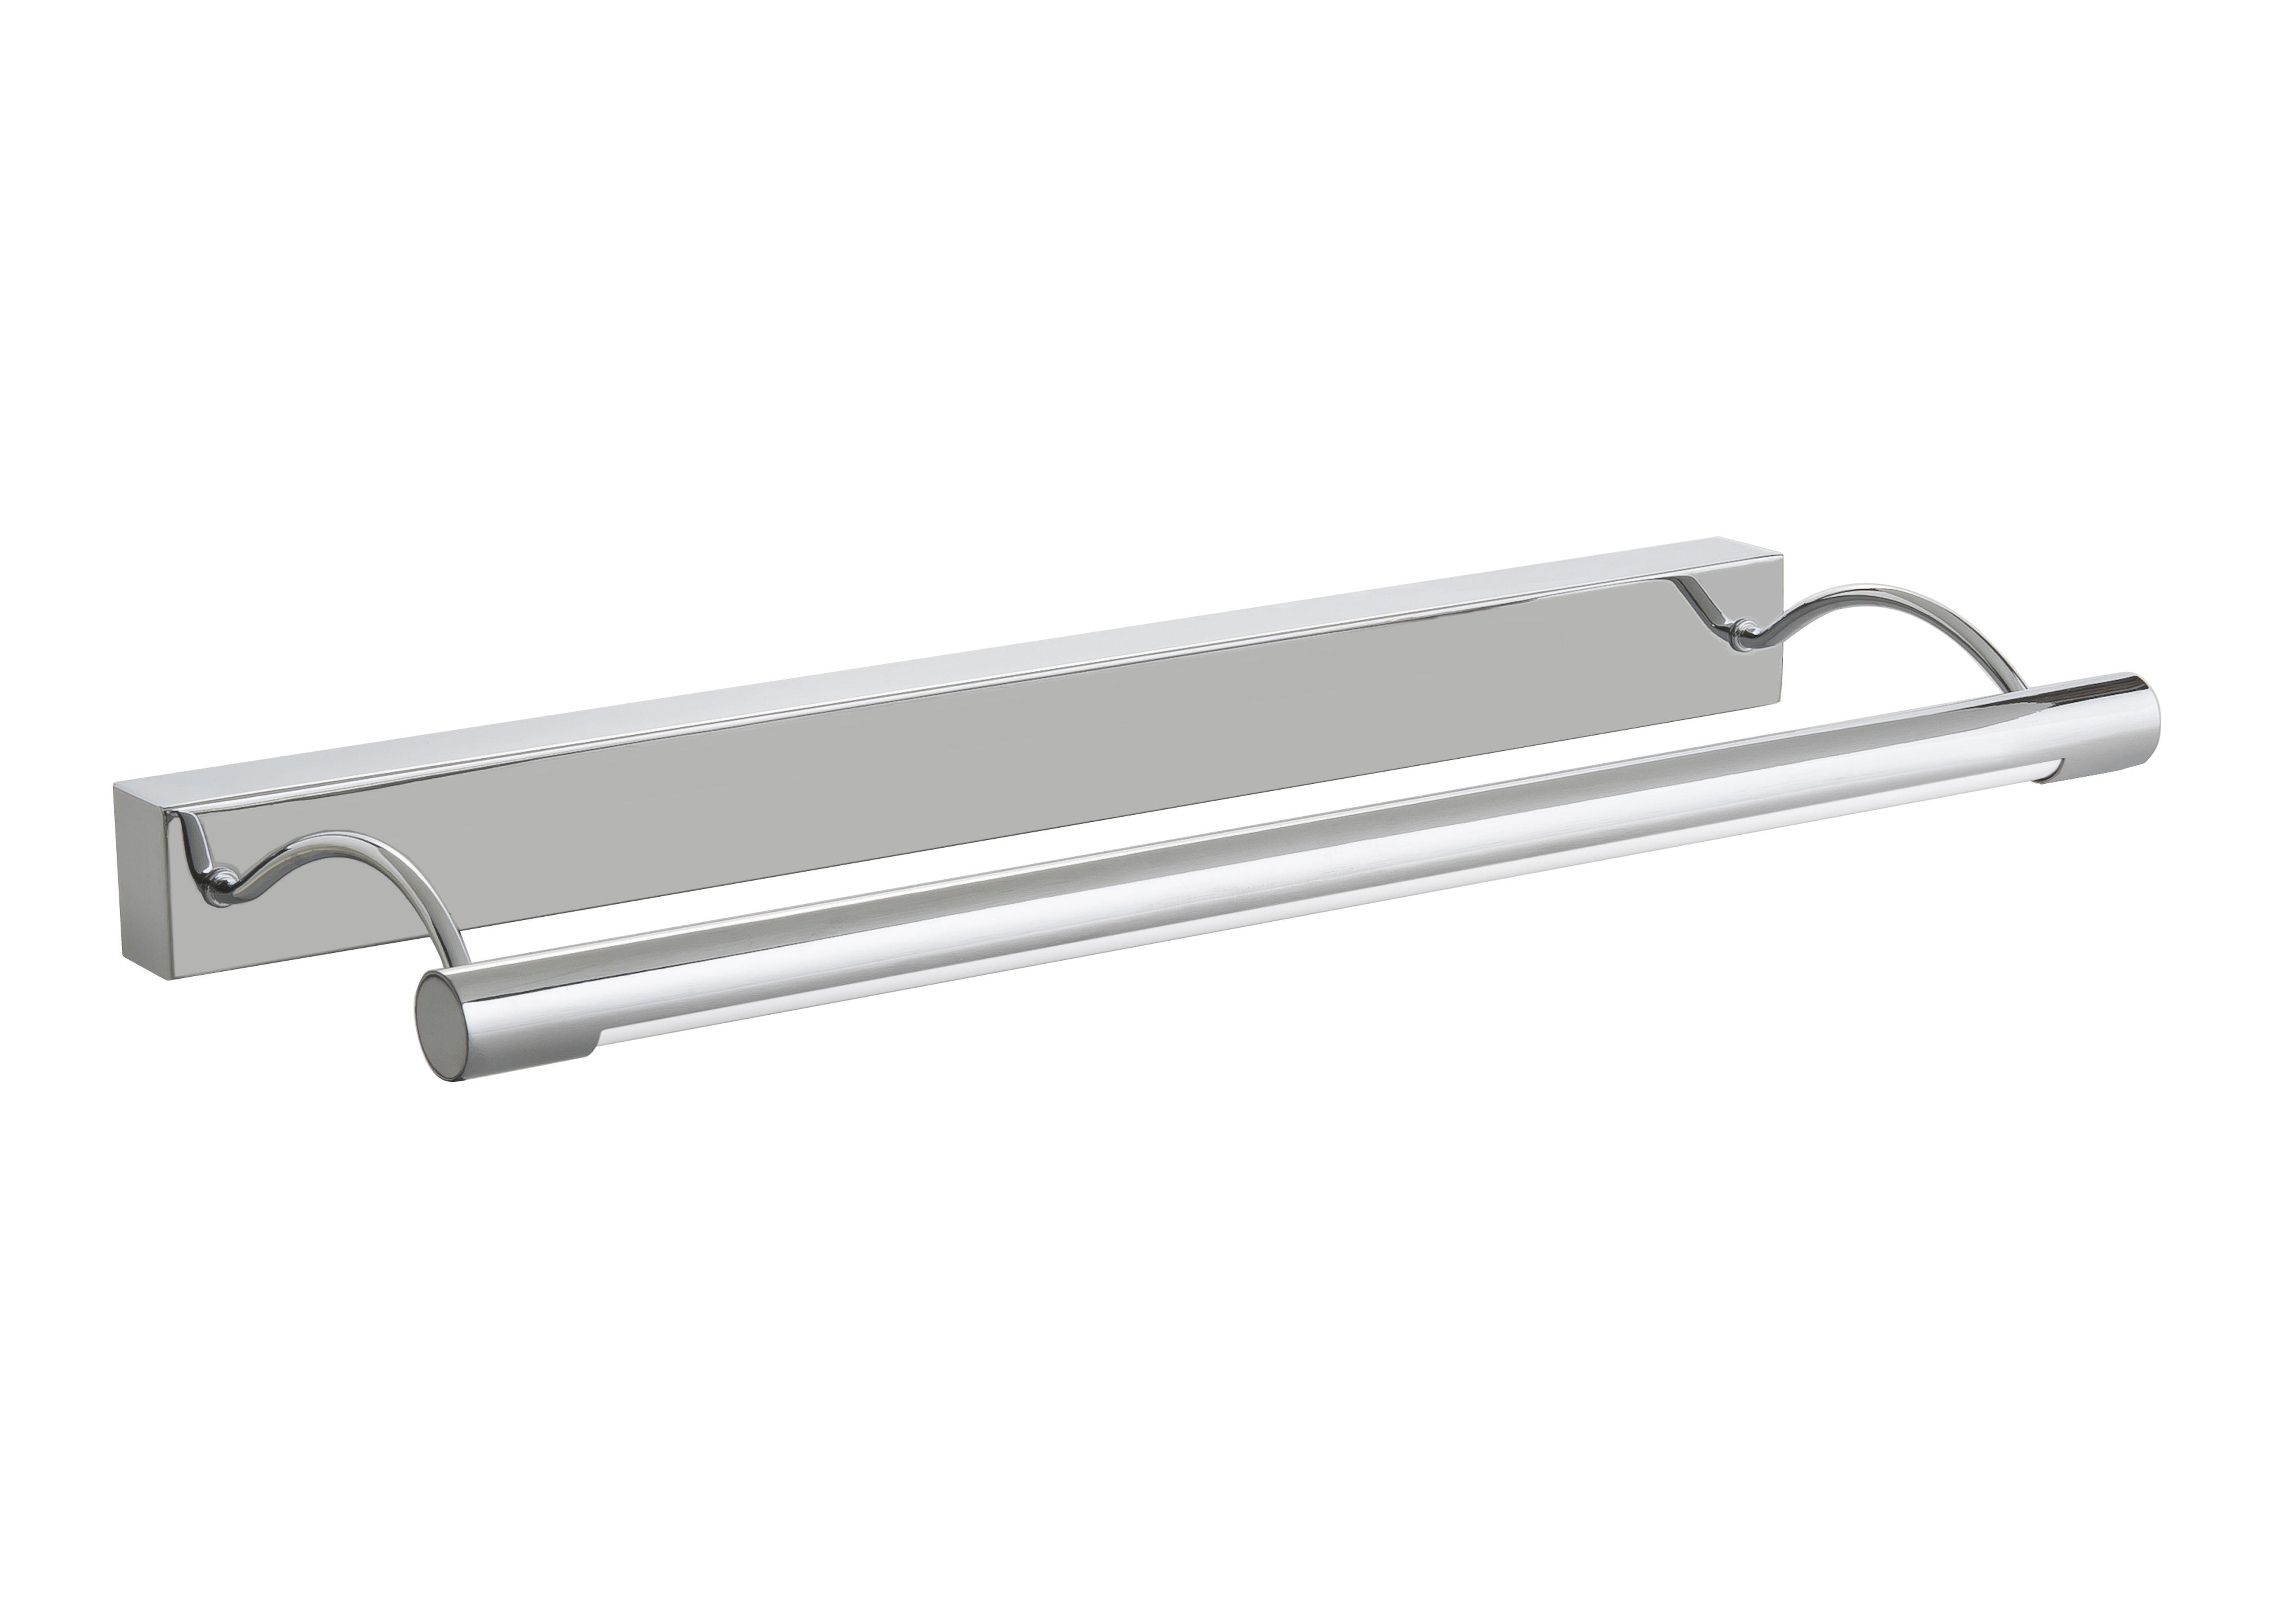 HighLight badkamer wandlamp Mashiko 60 cm LED - chroom